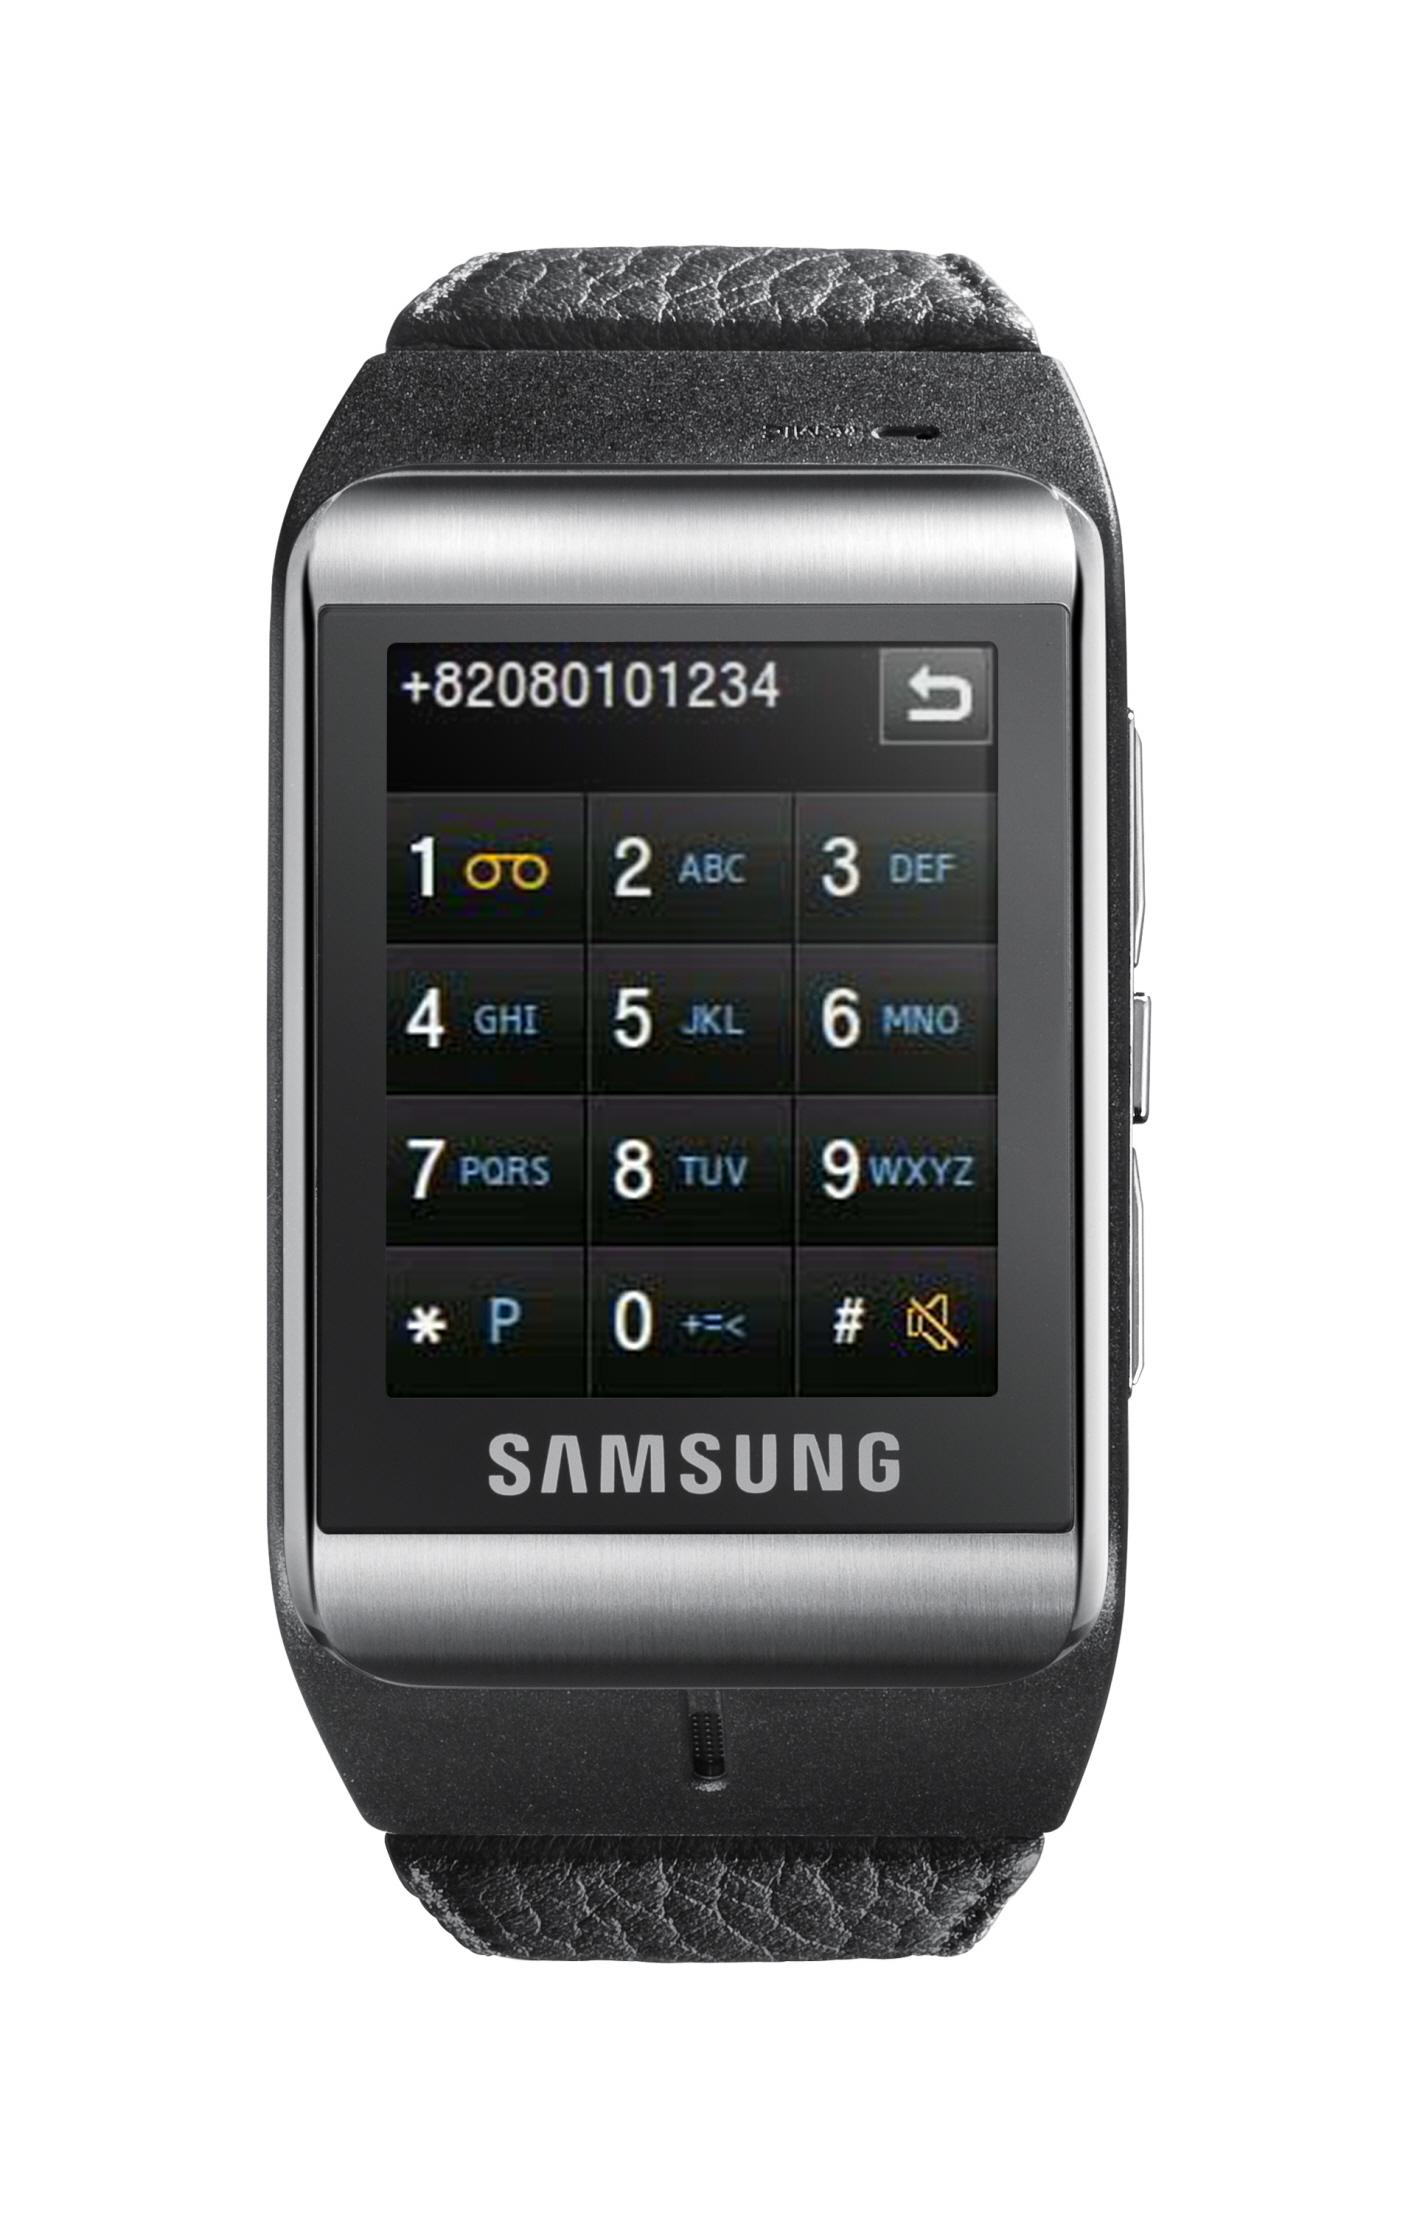 samsung s9110 handy und armbanduhr in einem. Black Bedroom Furniture Sets. Home Design Ideas